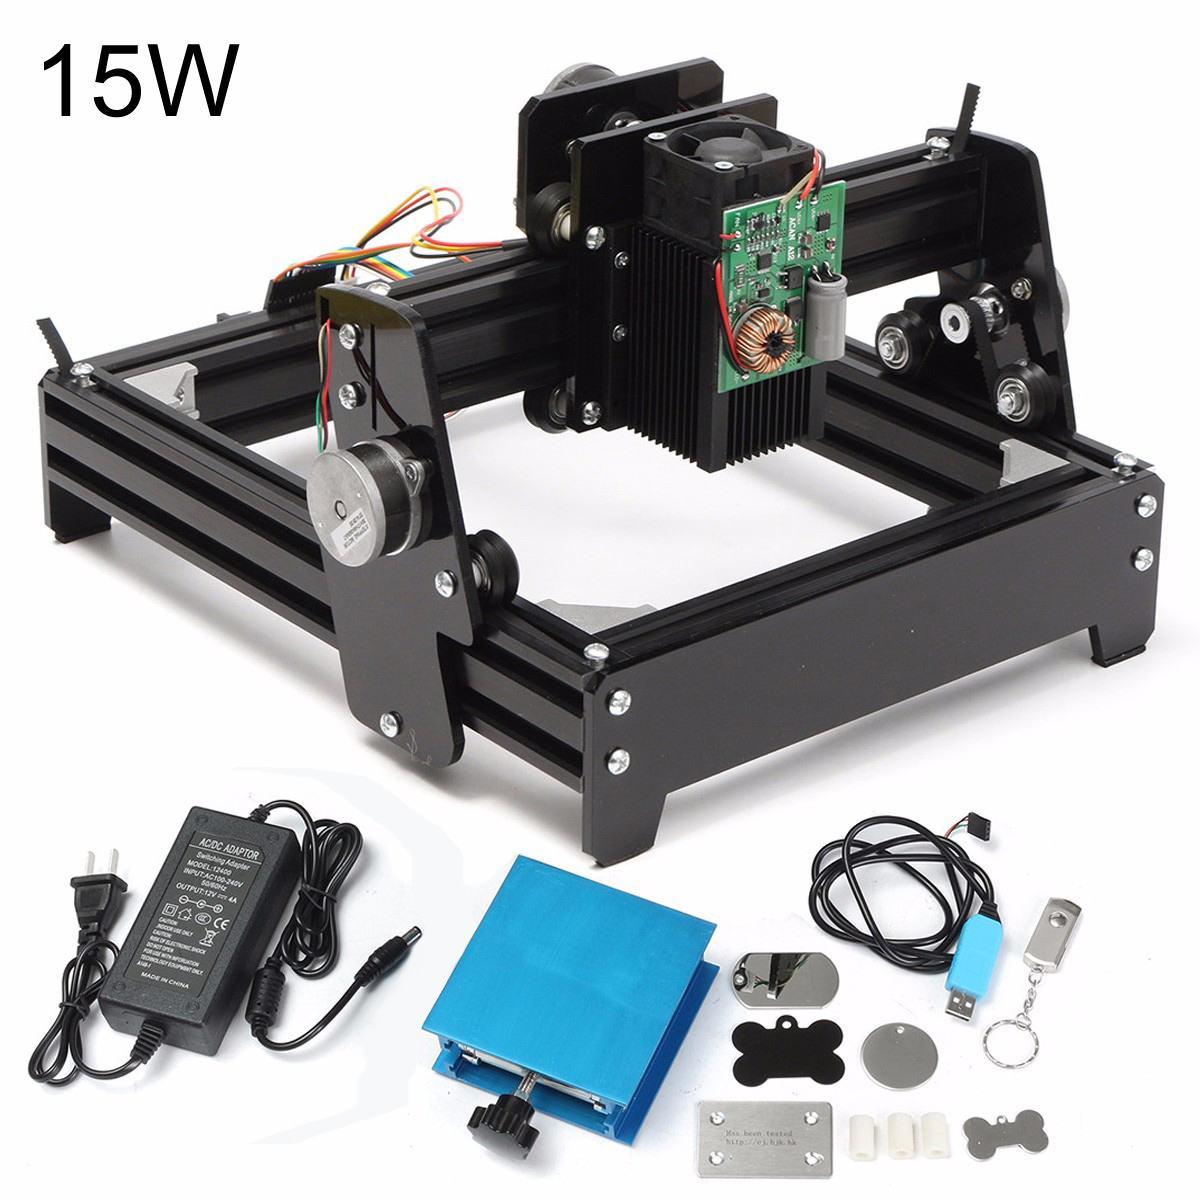 15 W Laser AS-5 USB bureau 15000 mW CNC Laser graveur bricolage Machine de marquage routeur pour métal pierre gravure sur bois zone 14x20 cm